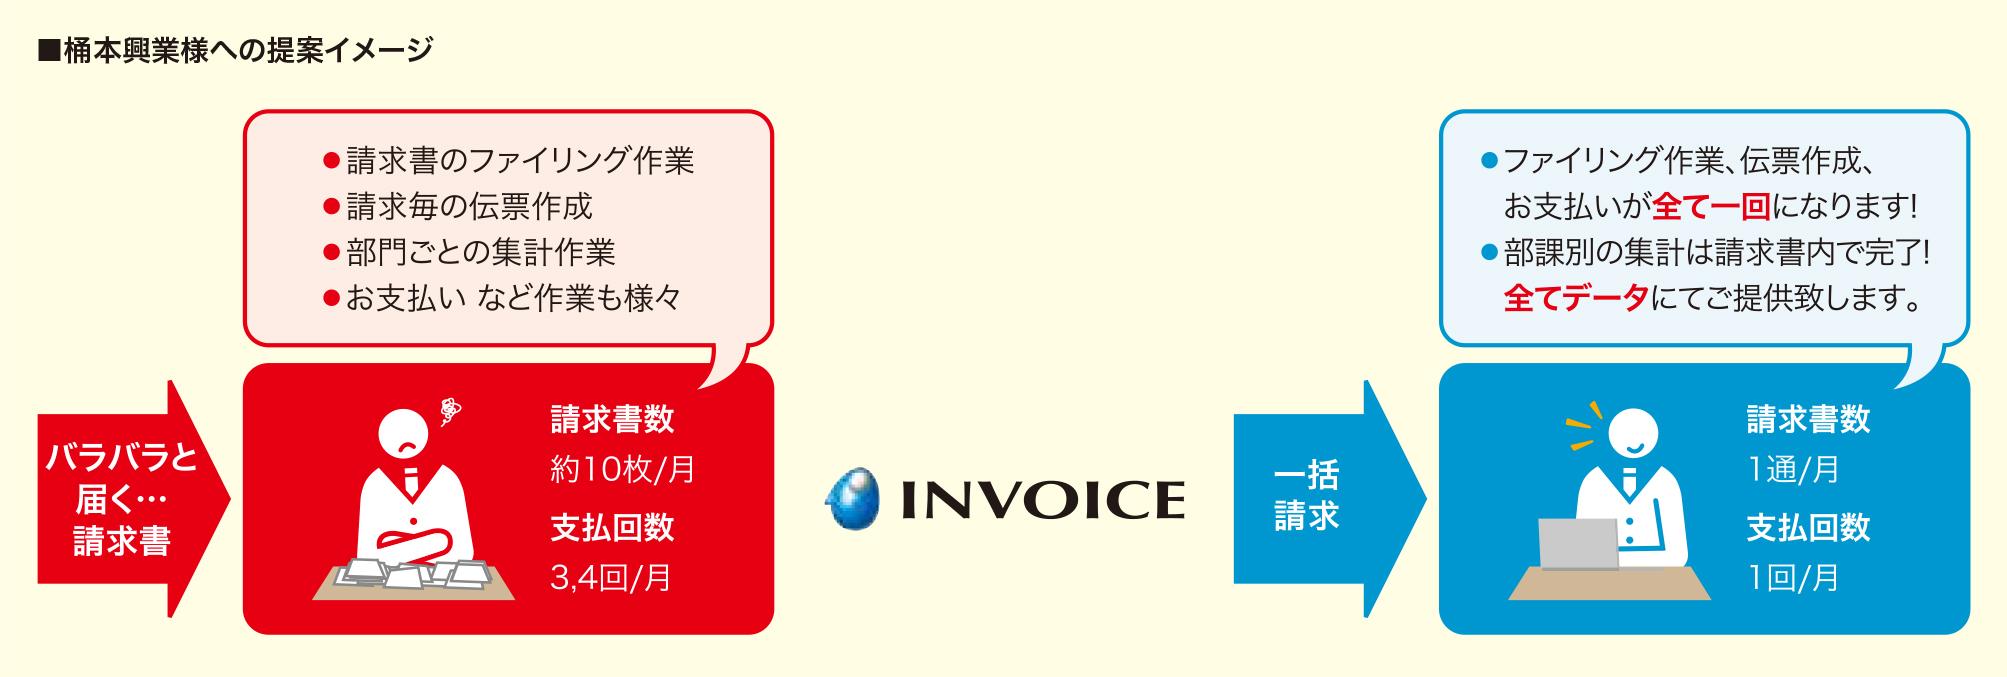 【導入事例】桶本興業株式会社2.jpg